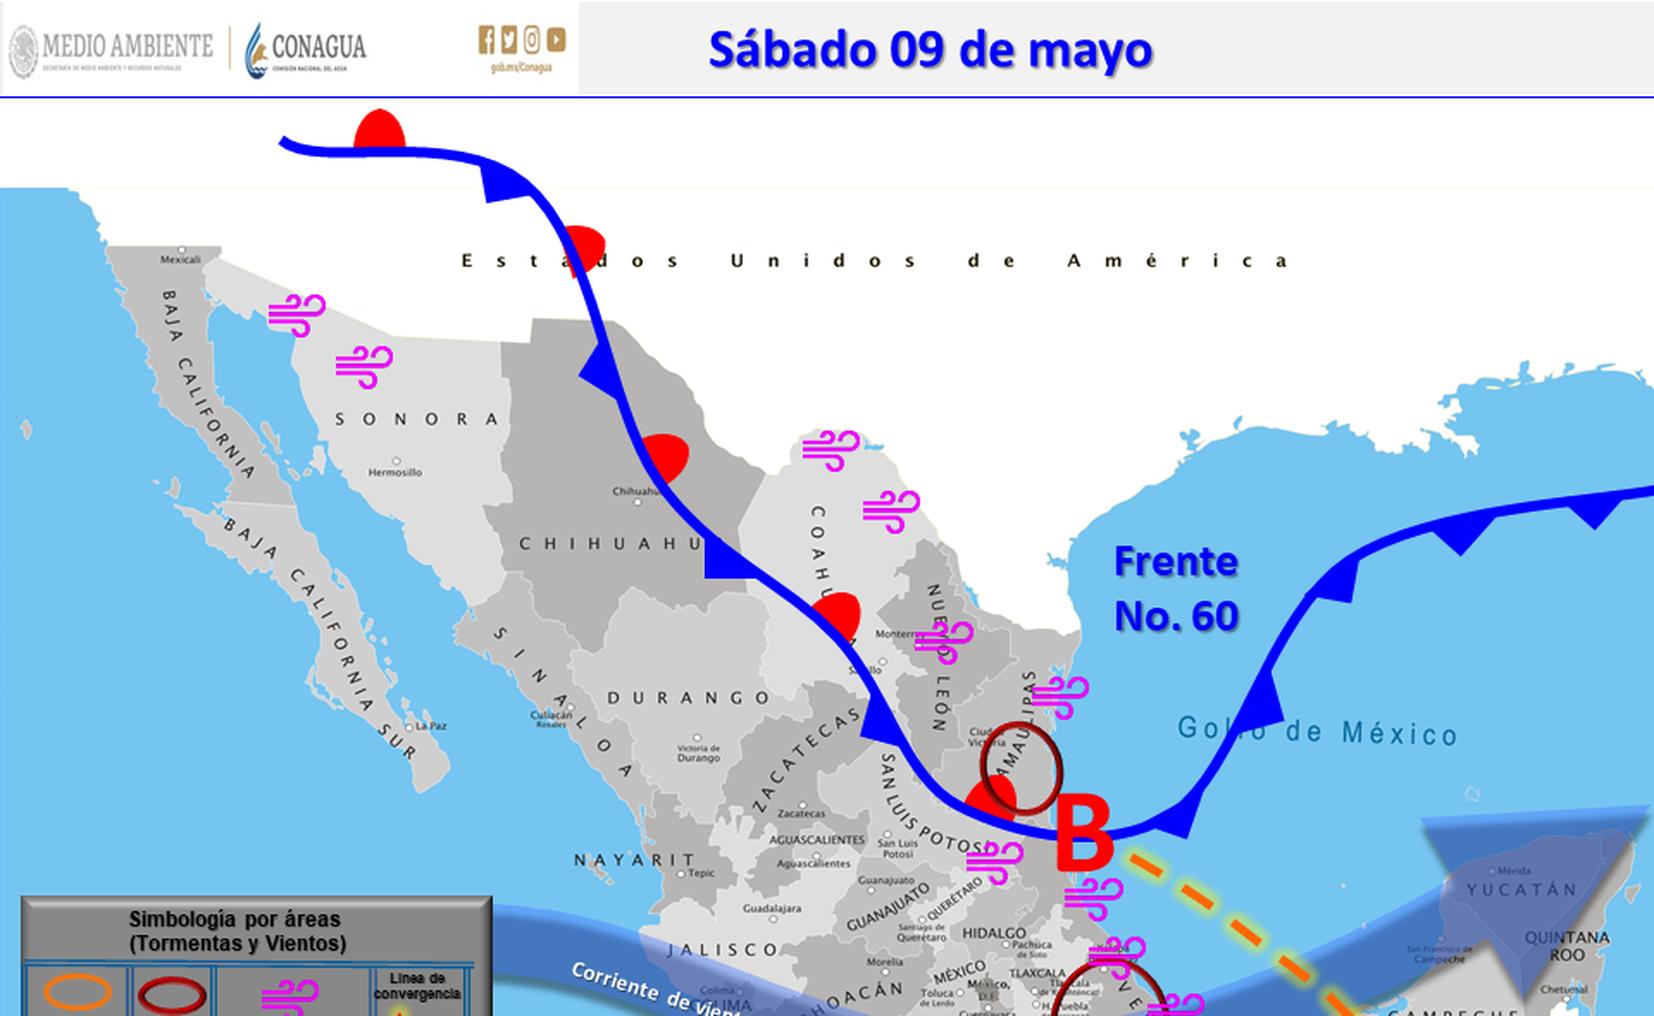 Prevén lluvias de fuertes a intensas en Nuevo León y Tamaulipas